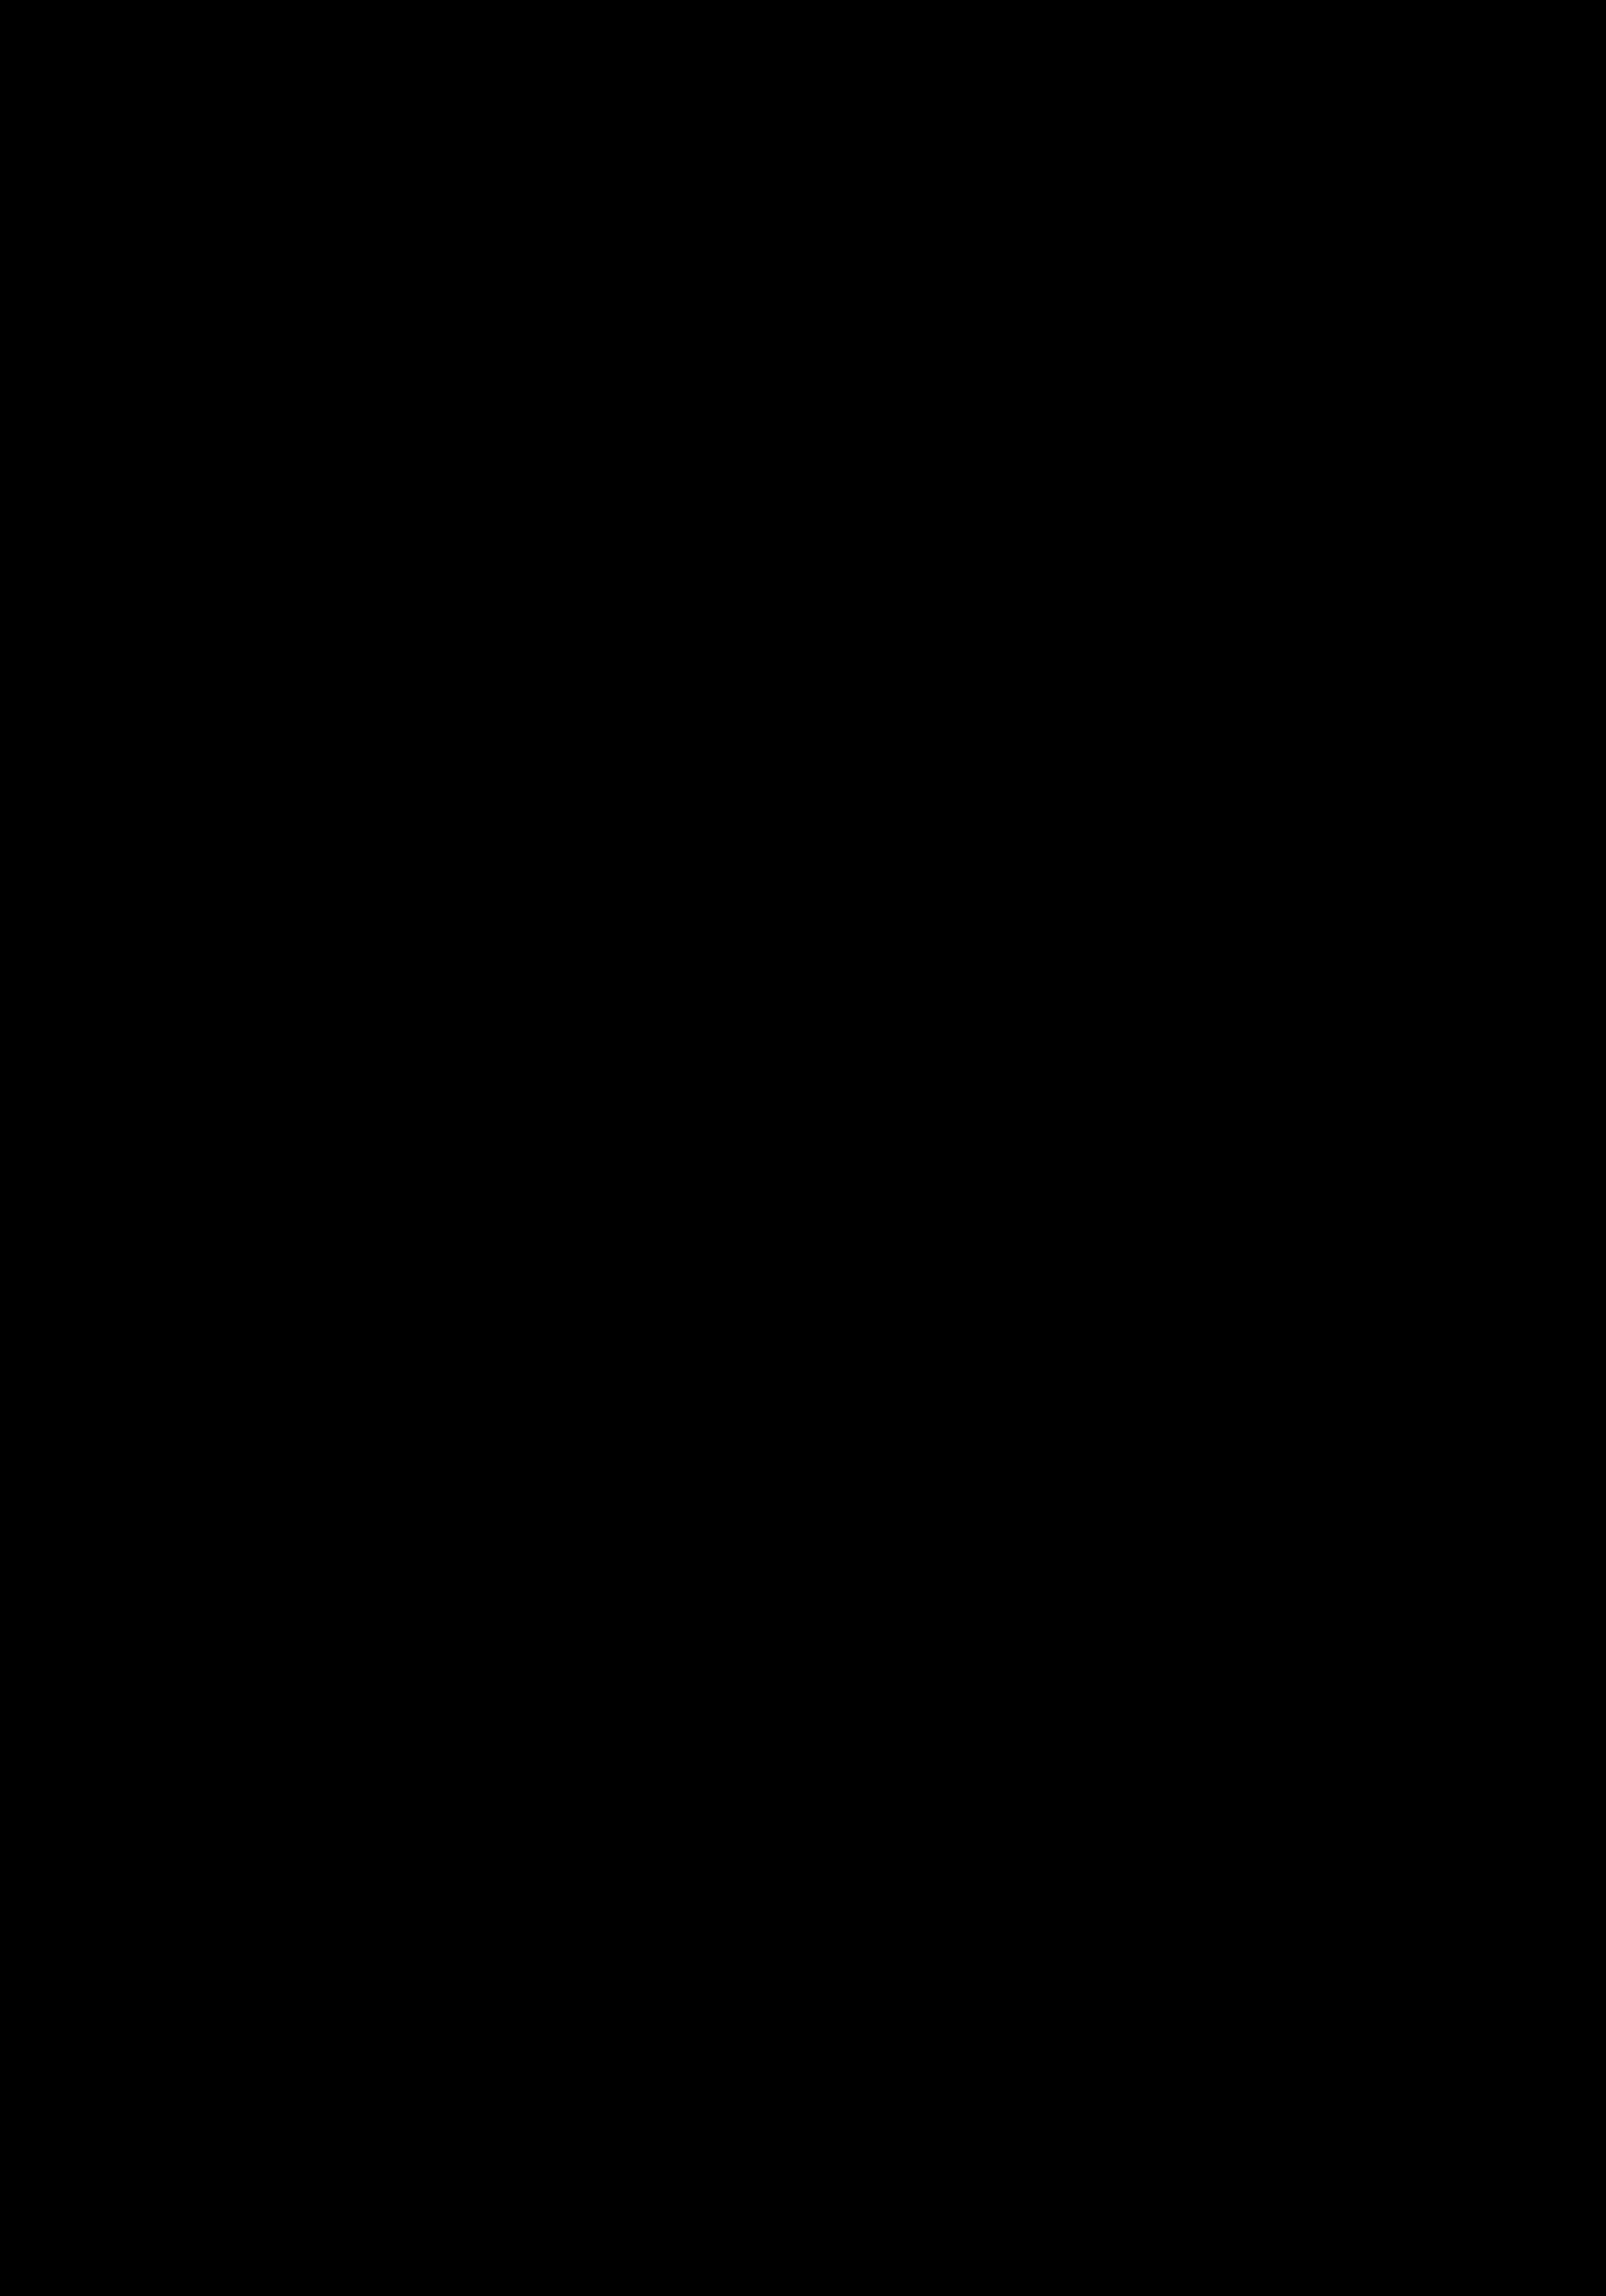 Suzanne Zahnd